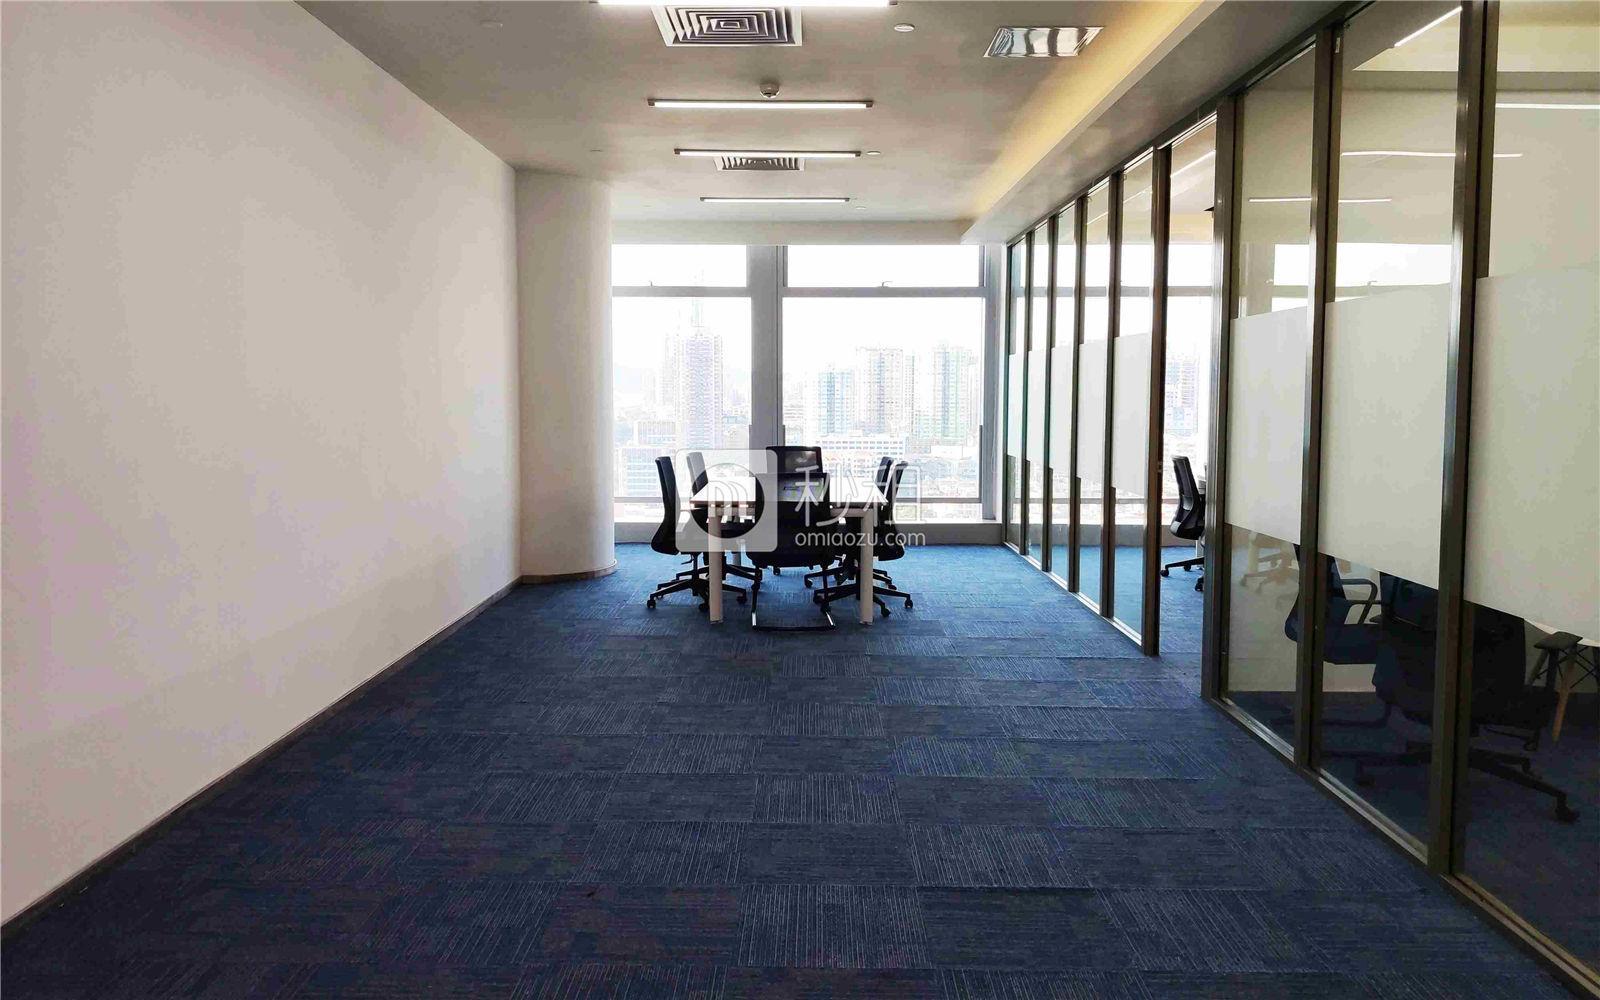 天河-珠江新城 珠控国际中心-珠控商务大厦 194m²